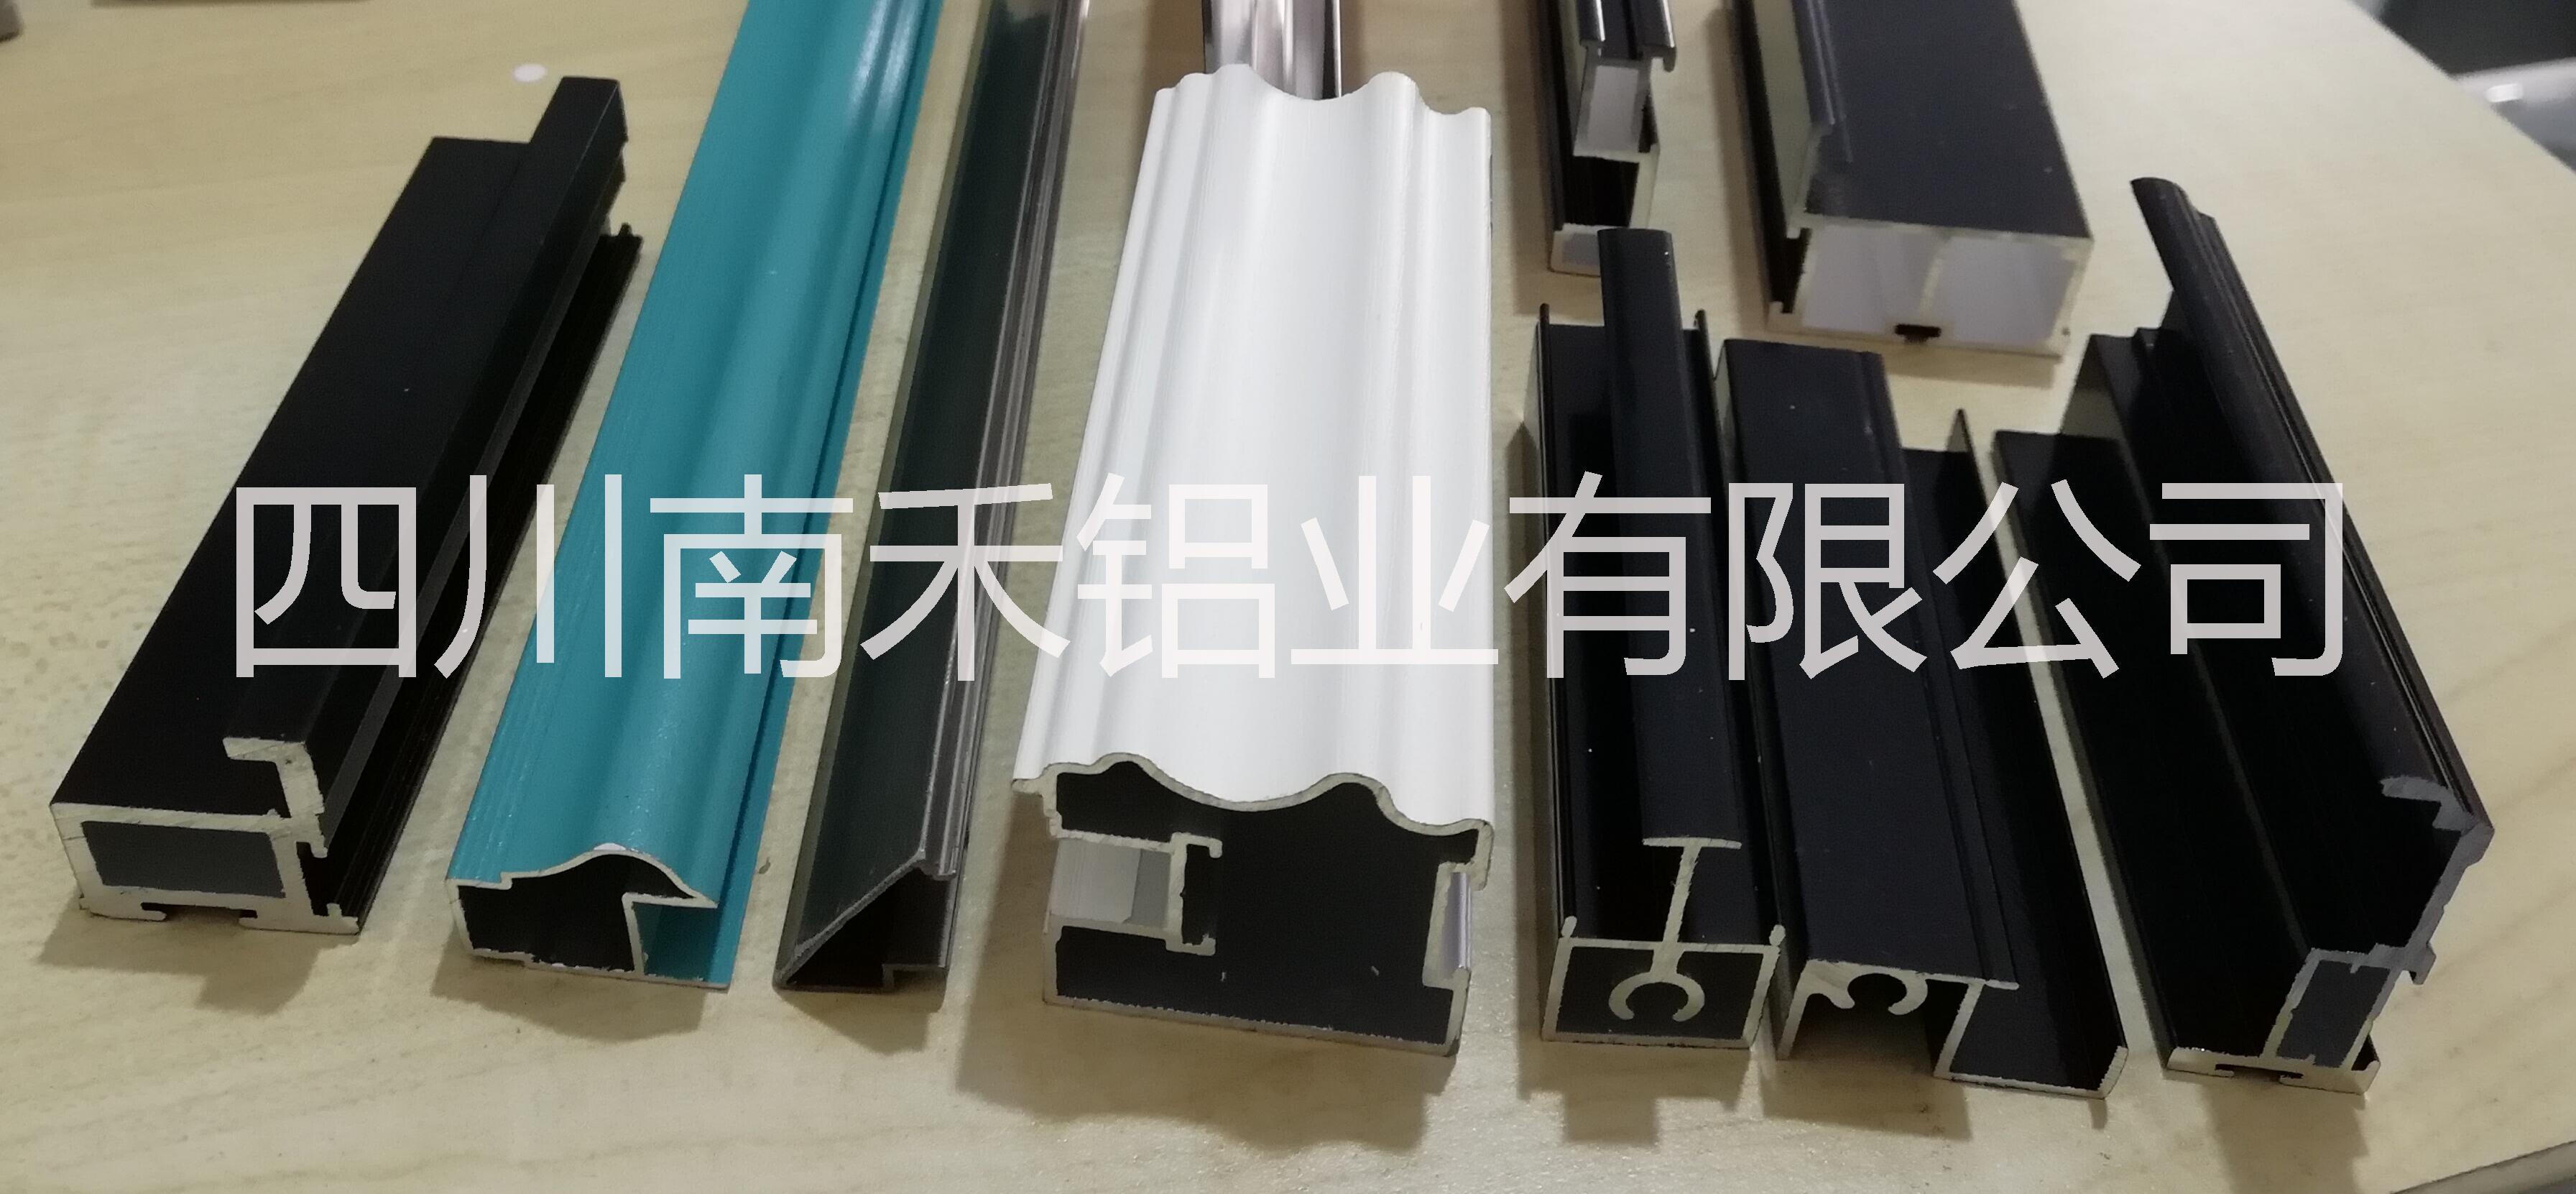 成都衣柜移门铝材厂_成都衣柜移门铝材生产厂家_成都衣柜移门铝材批发_成都衣柜移门铝材价格